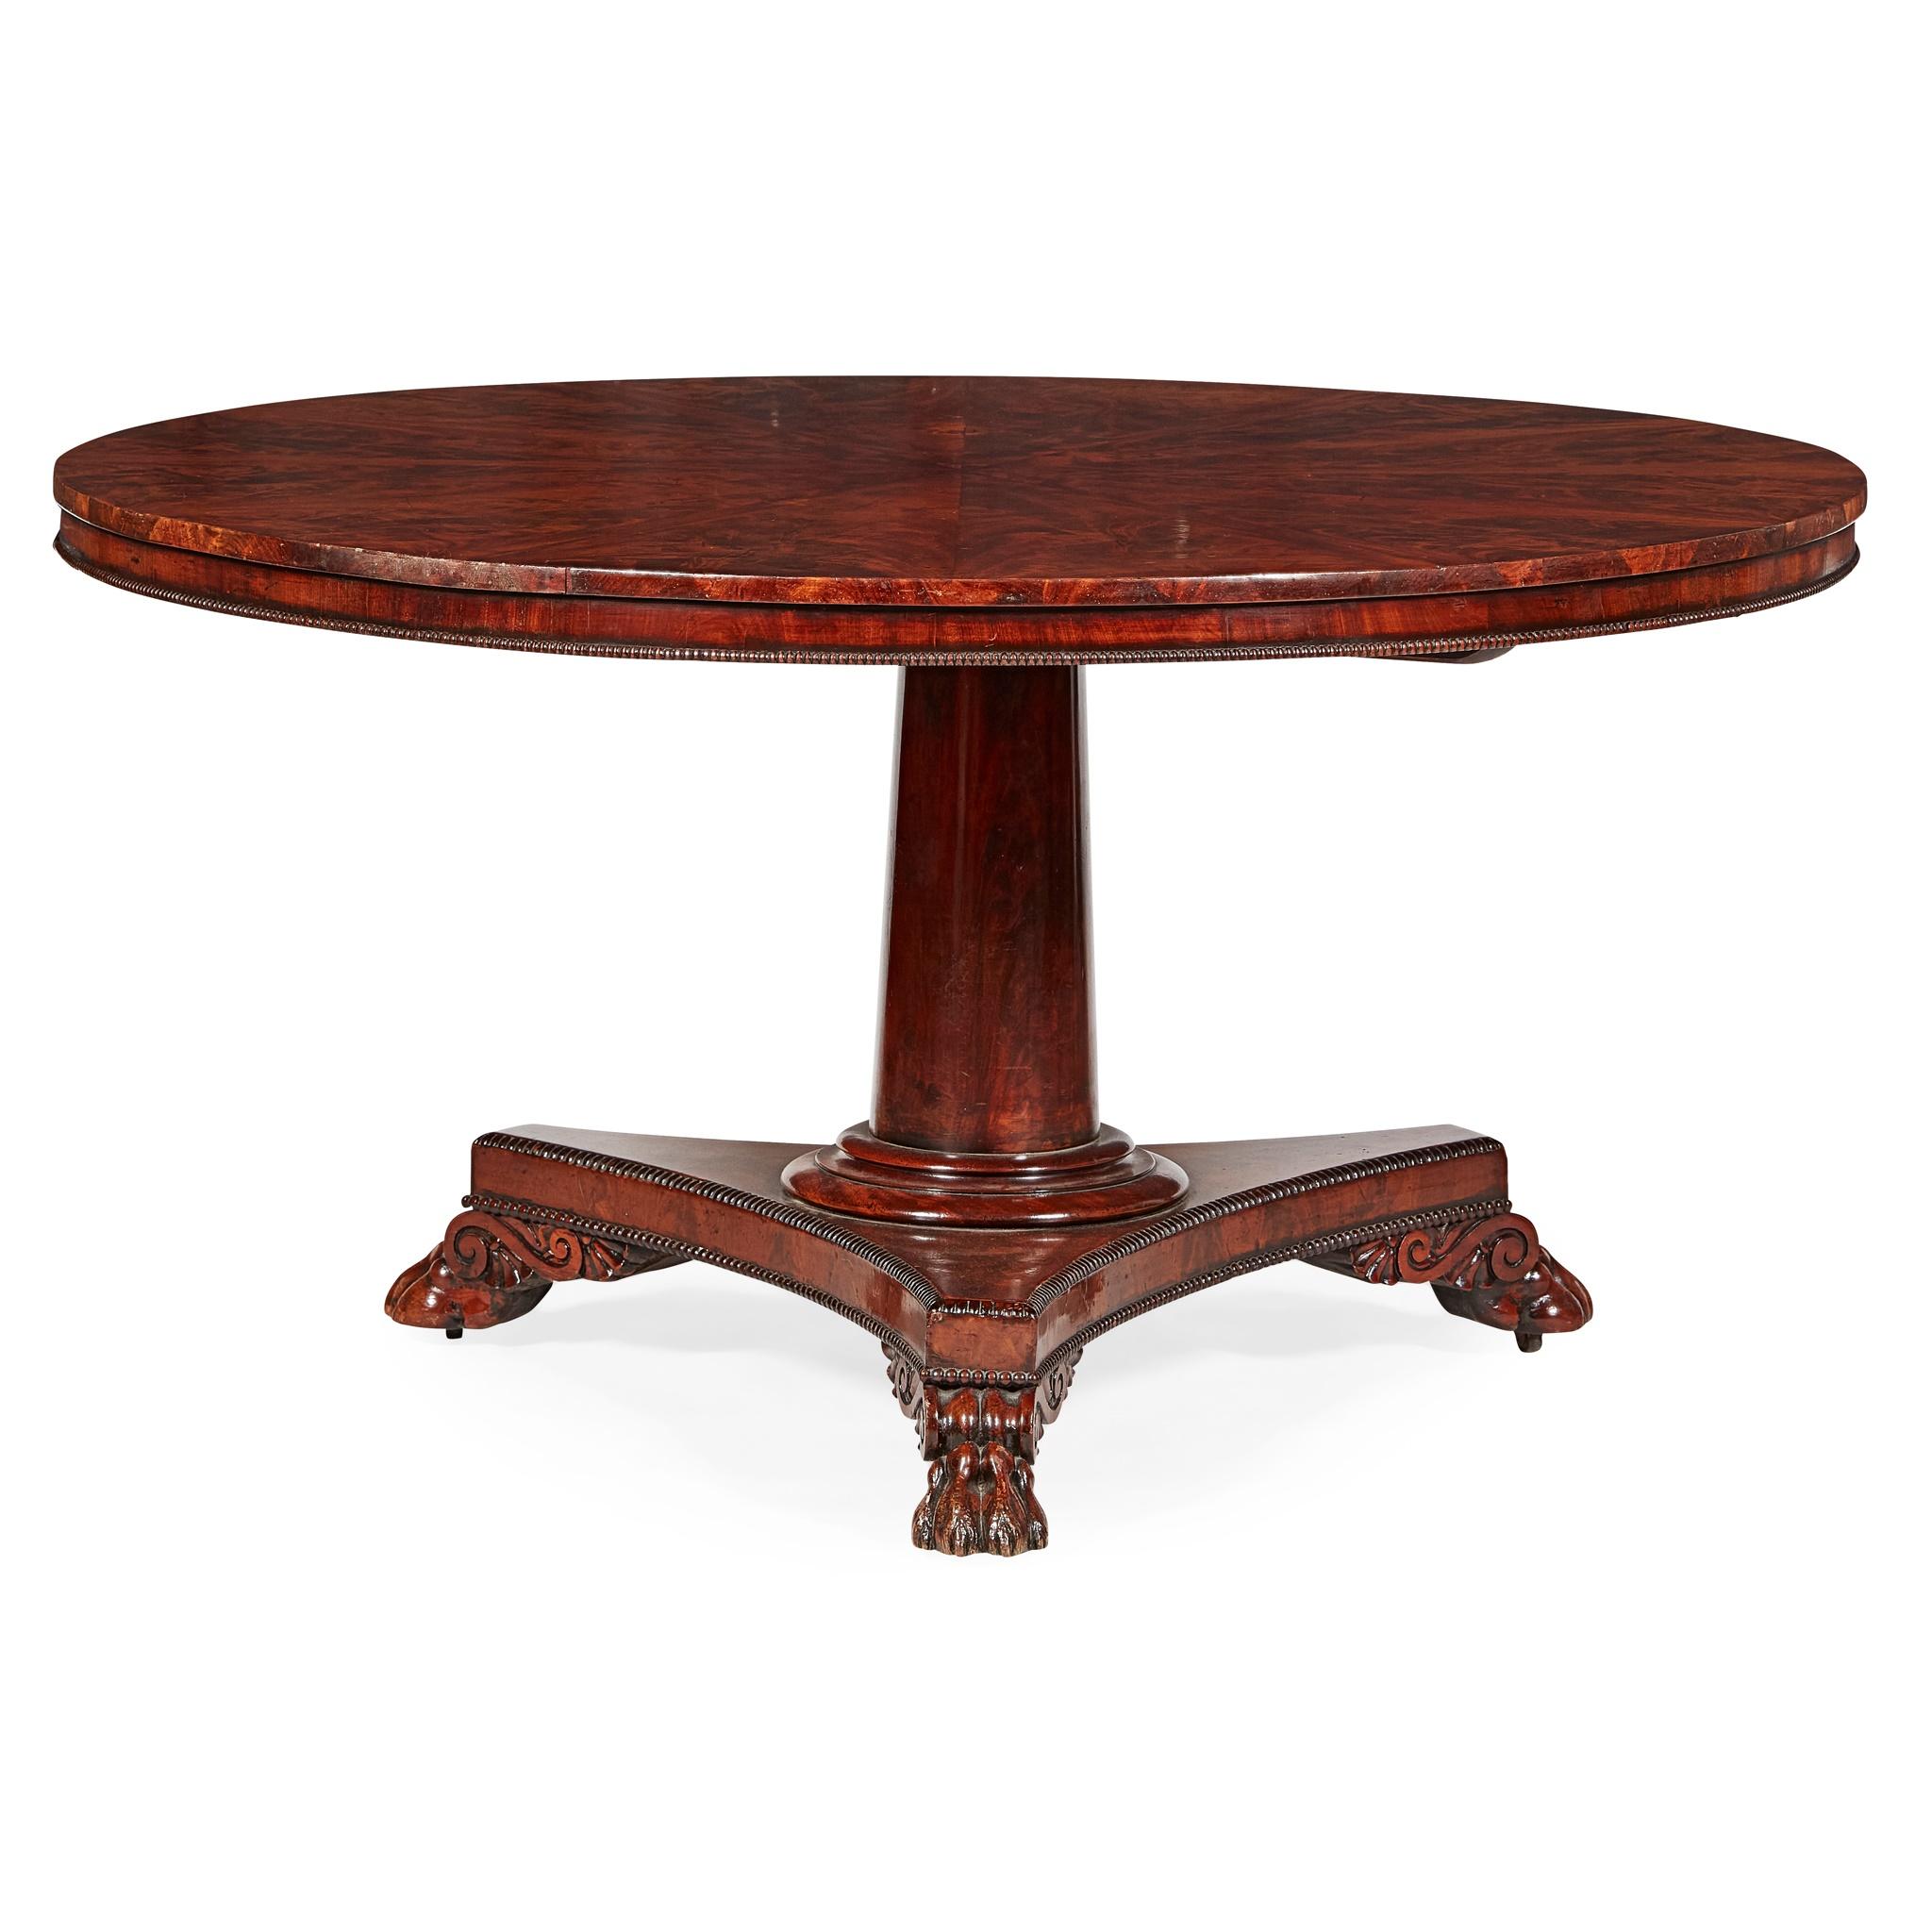 LATE REGENCY MAHOGANY BREAKFAST TABLE EARLY 19TH CENTURY - Image 2 of 2